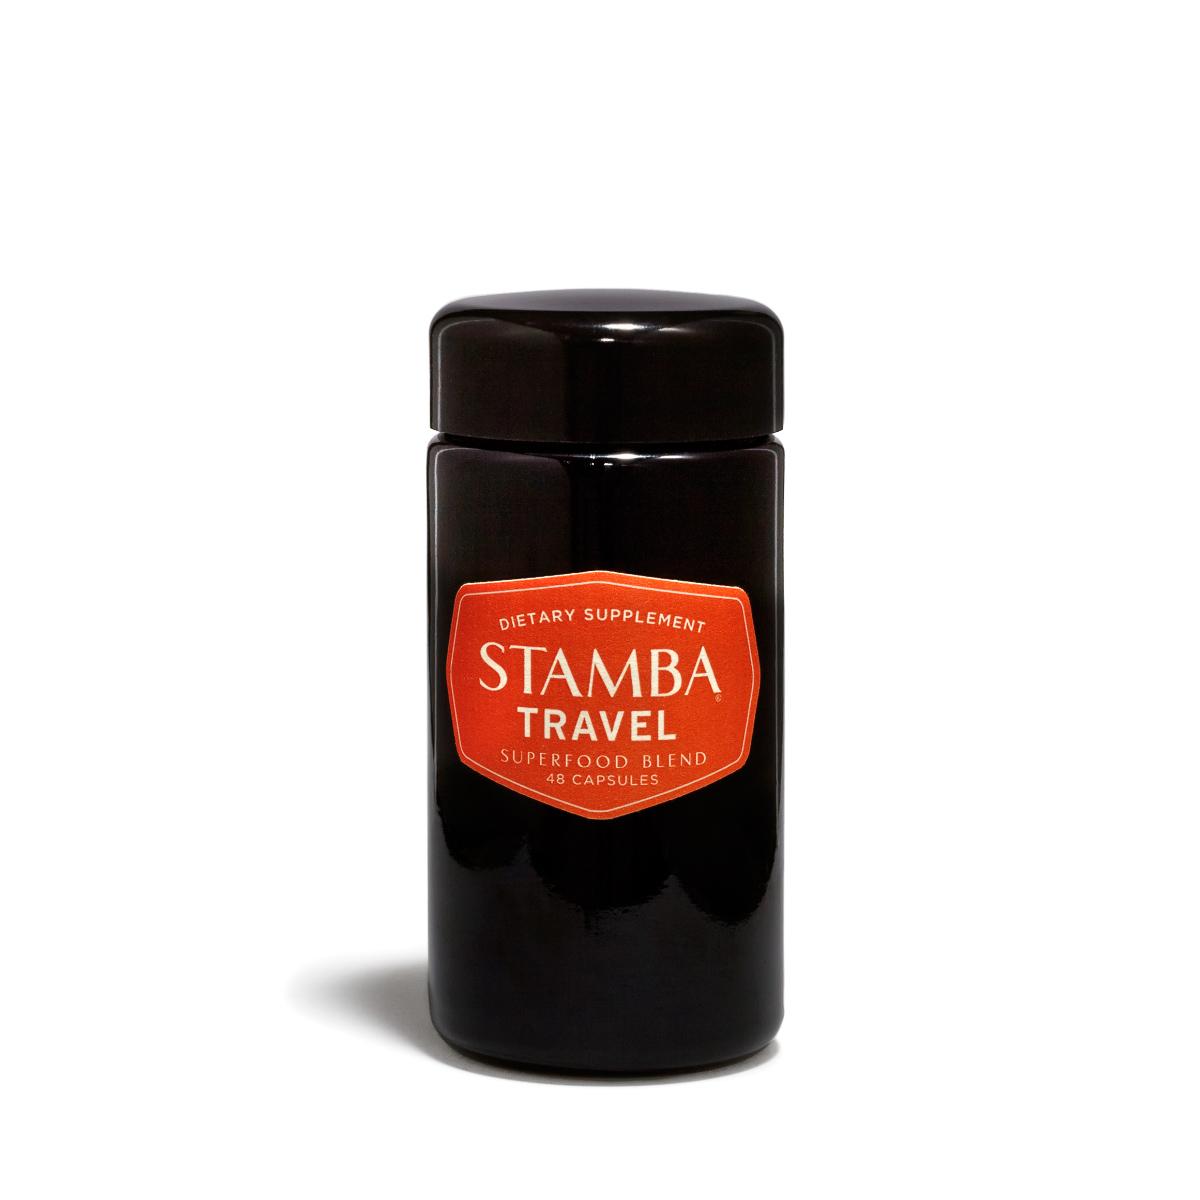 Stamba_Travel_CAP_111716_39396.jpg